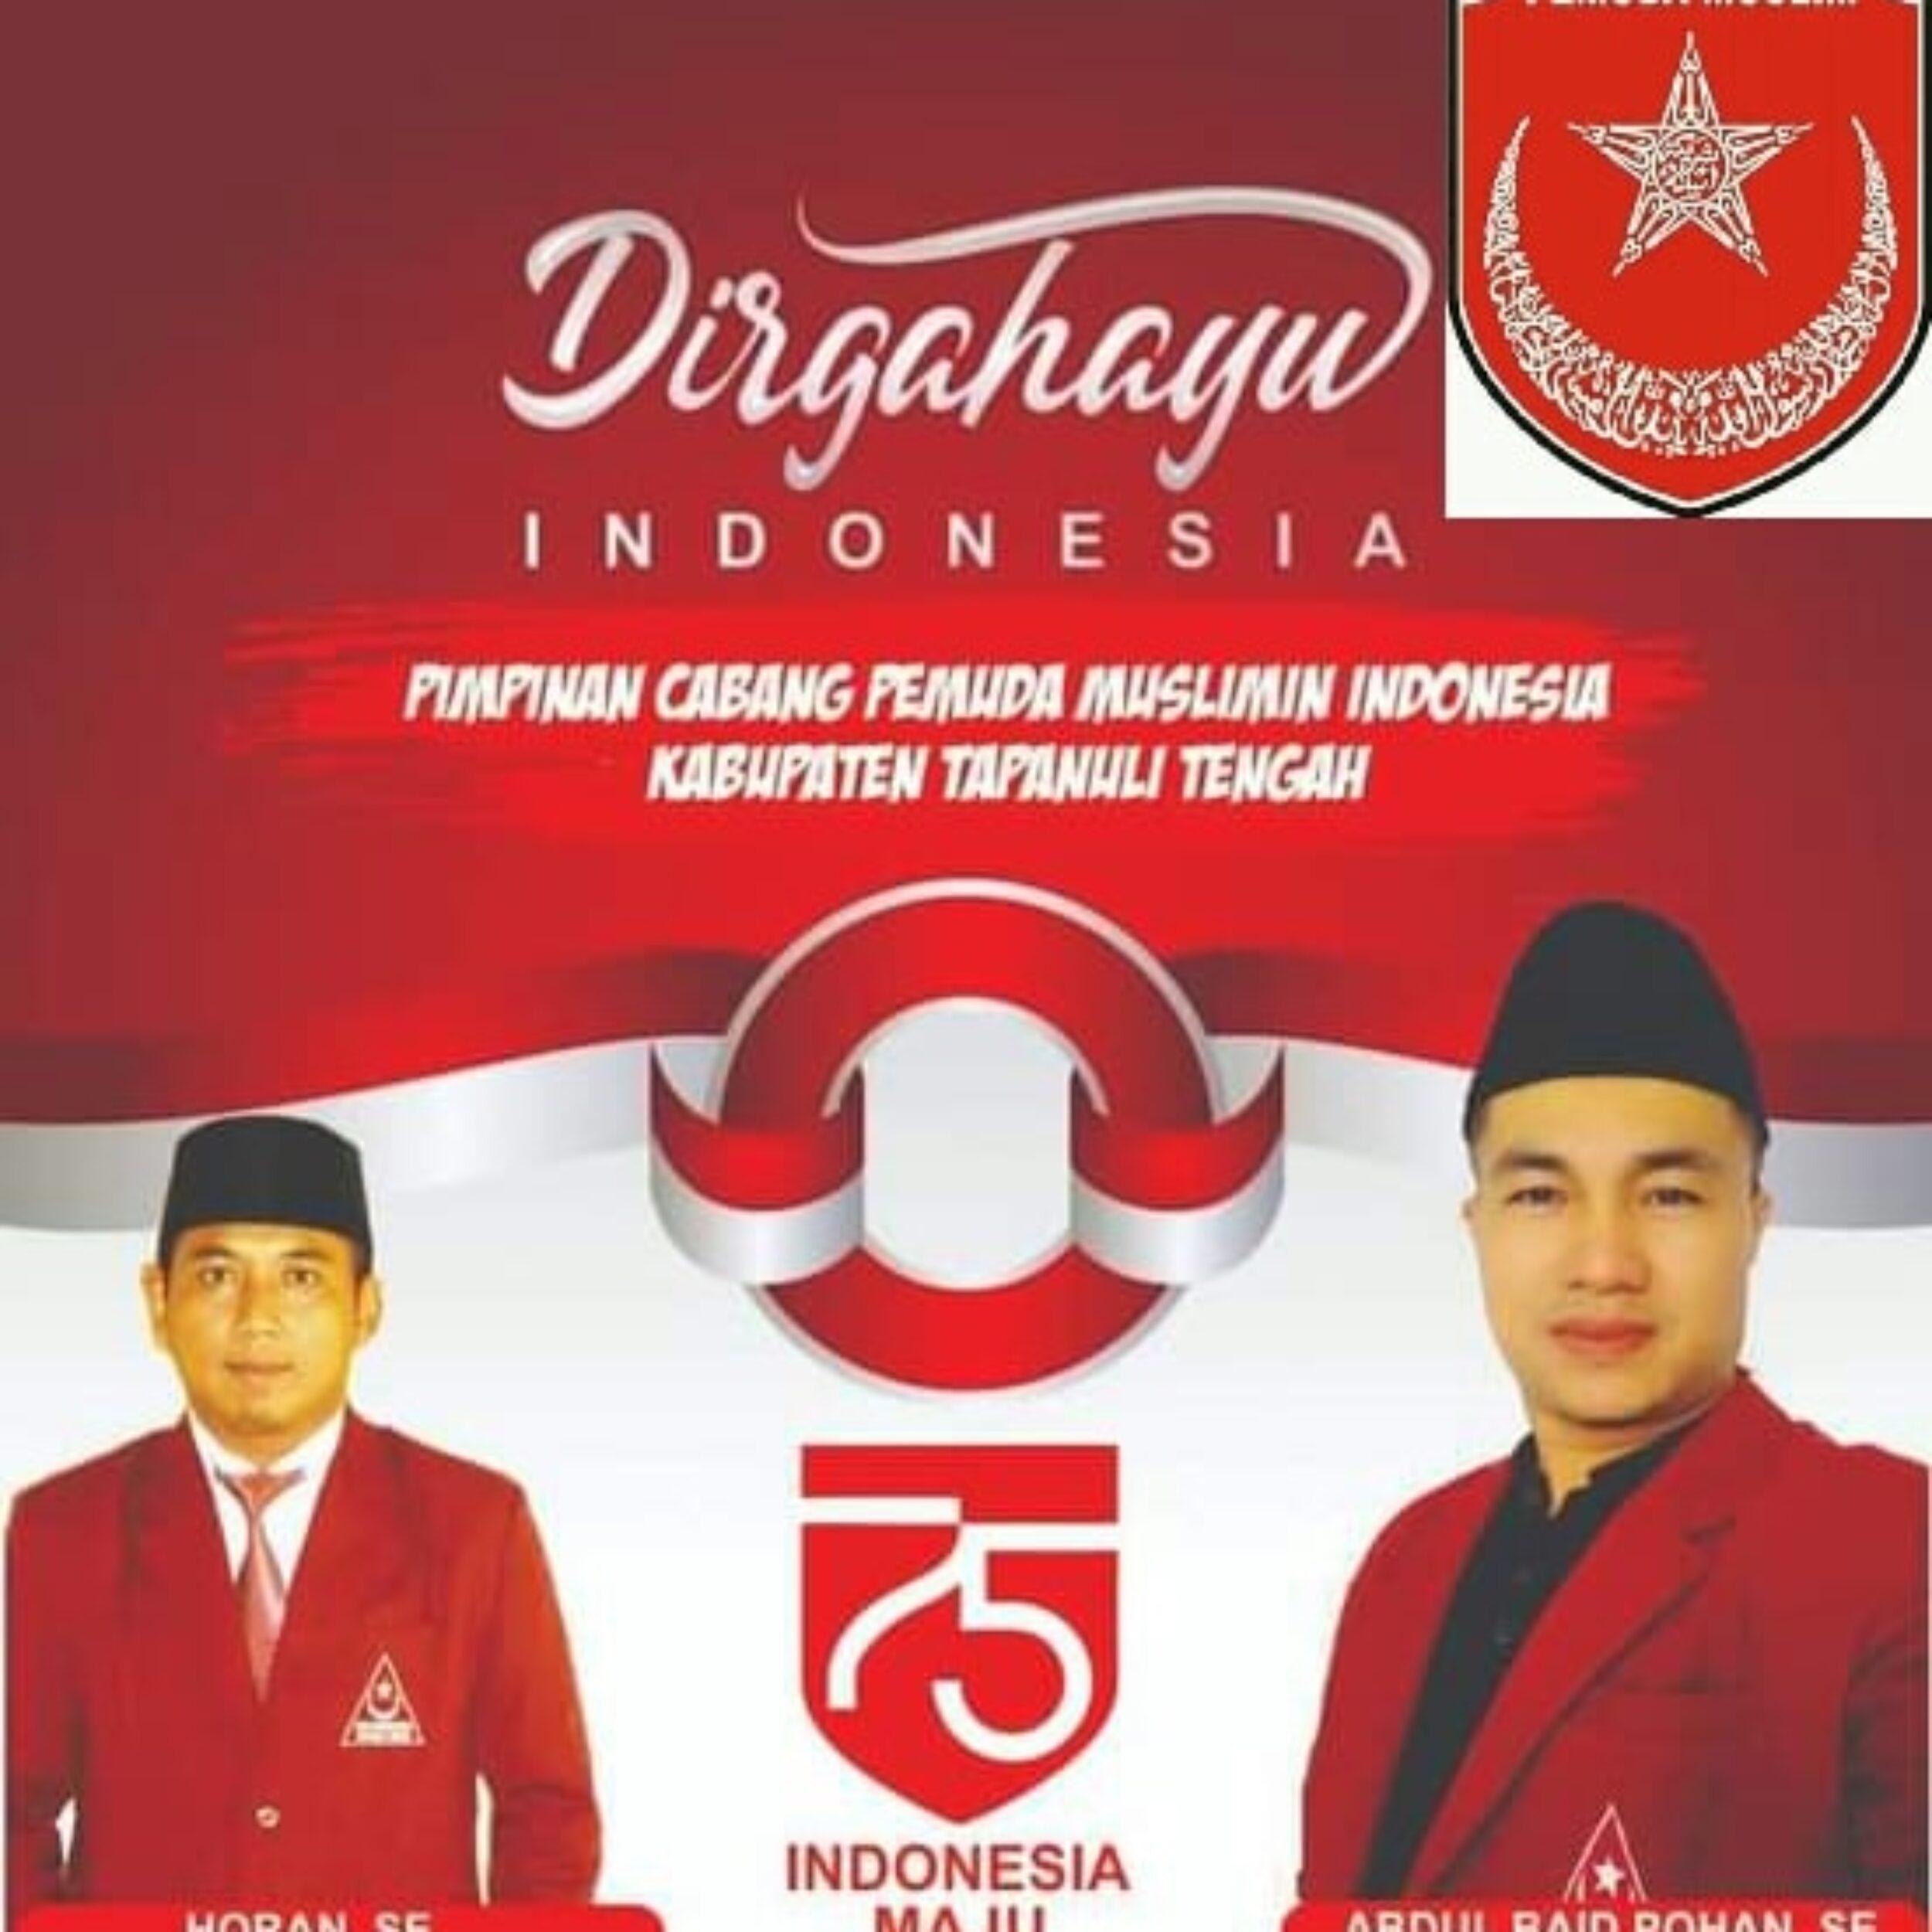 Pimpinan Cabang Pemuda Muslimin Indonesia Kabupaten Tapanuli Tengah Mengucapkan Dirgahayu Indonesia Syarikat Islam